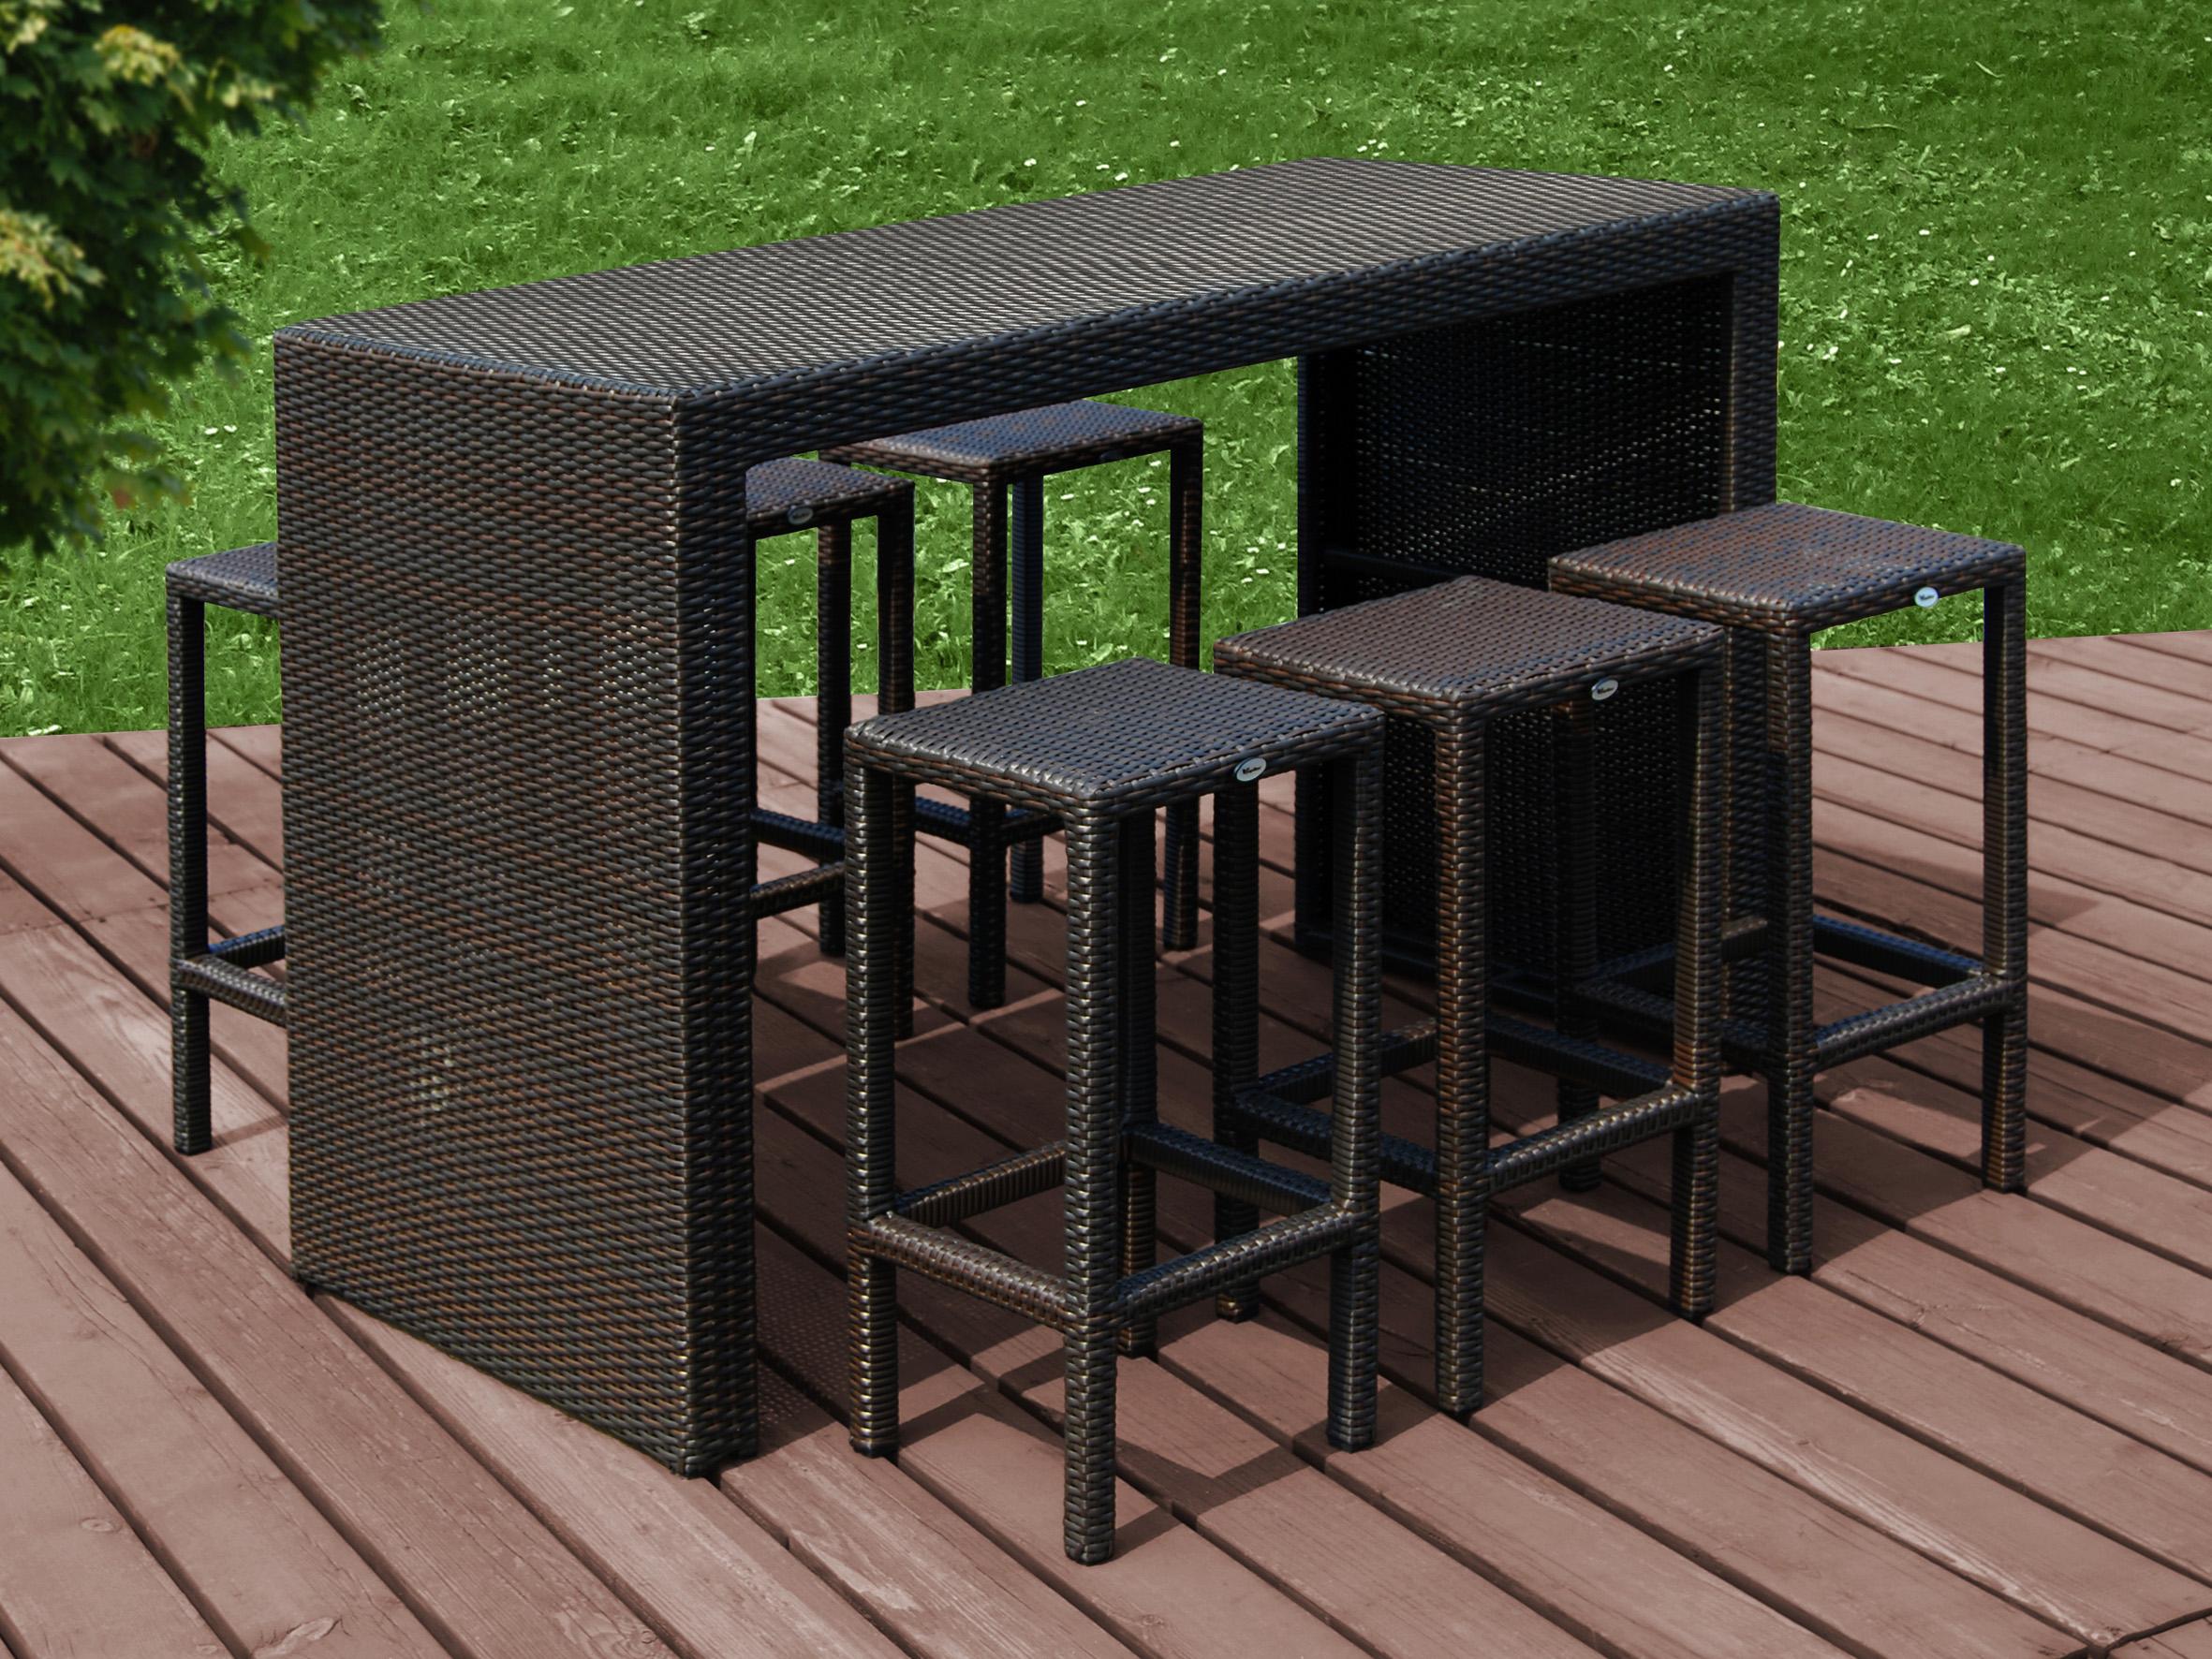 Mobiliario para exterior mesas y sillas generico conjunto - Mobiliario exterior jardin ...